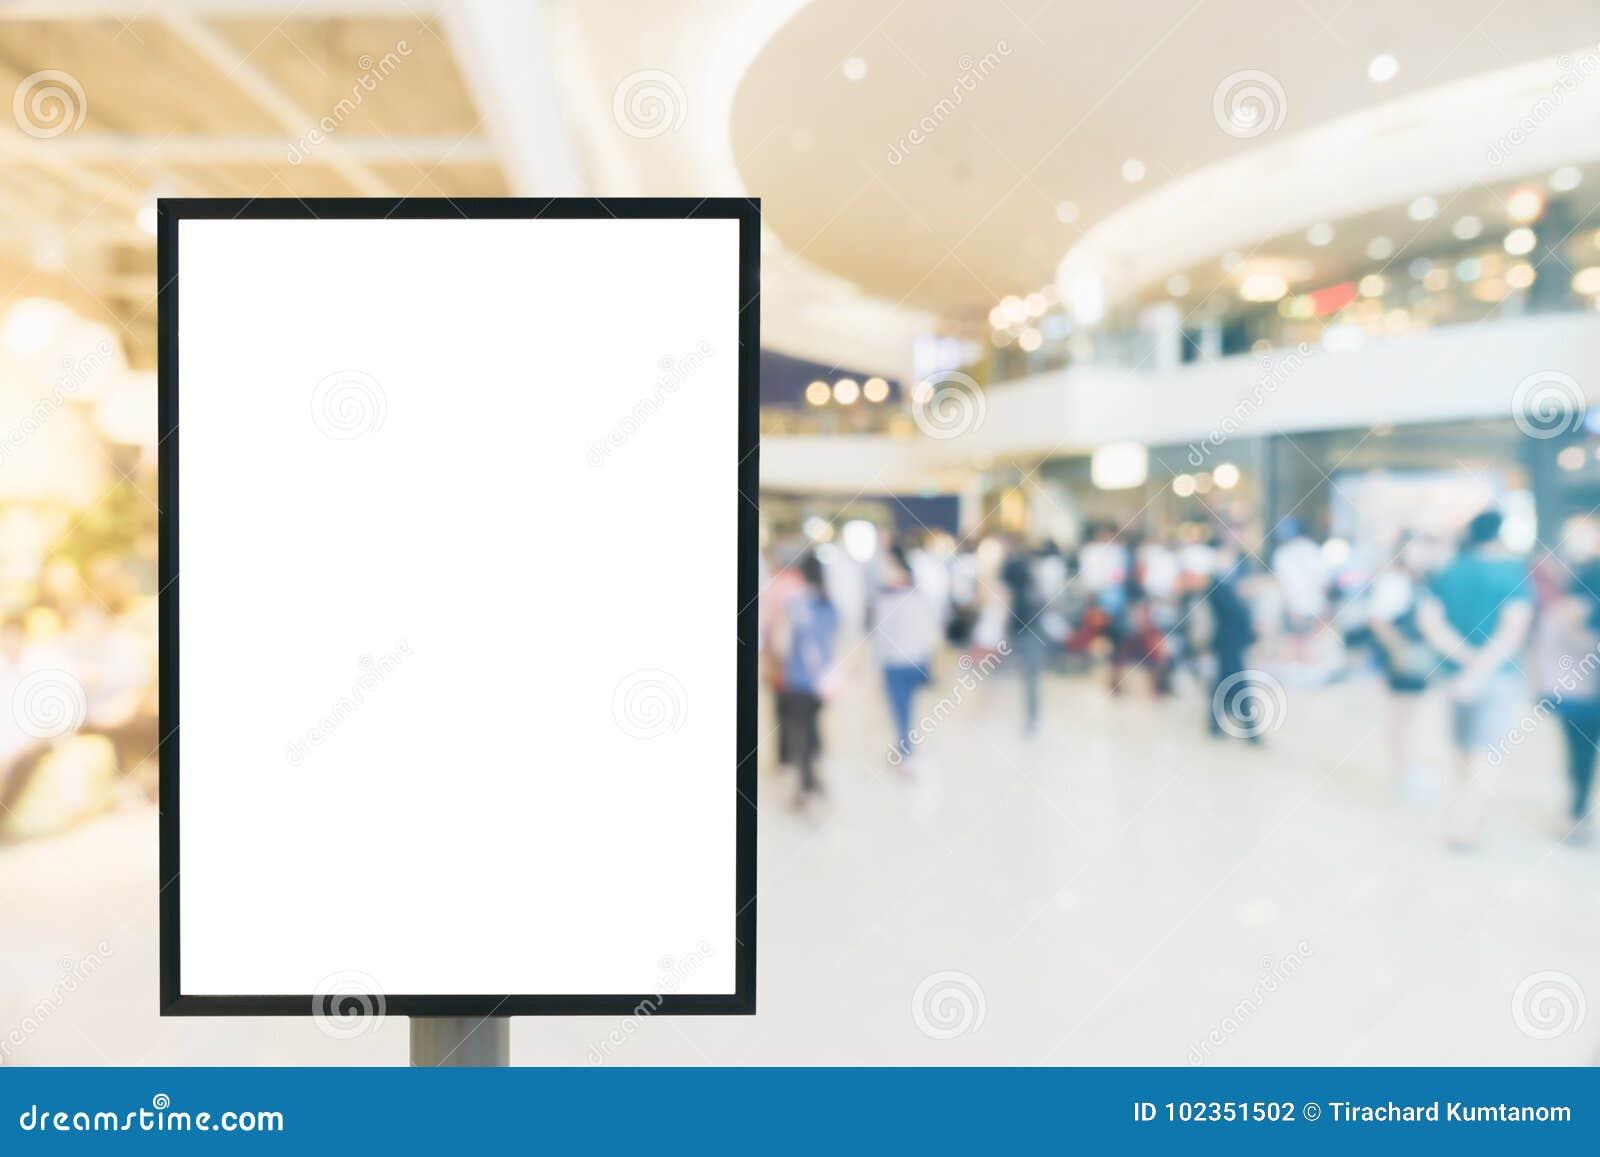 空白的嘲笑与拷贝空间的垂直的海报广告牌标志您的正文消息或内容的在现代商城